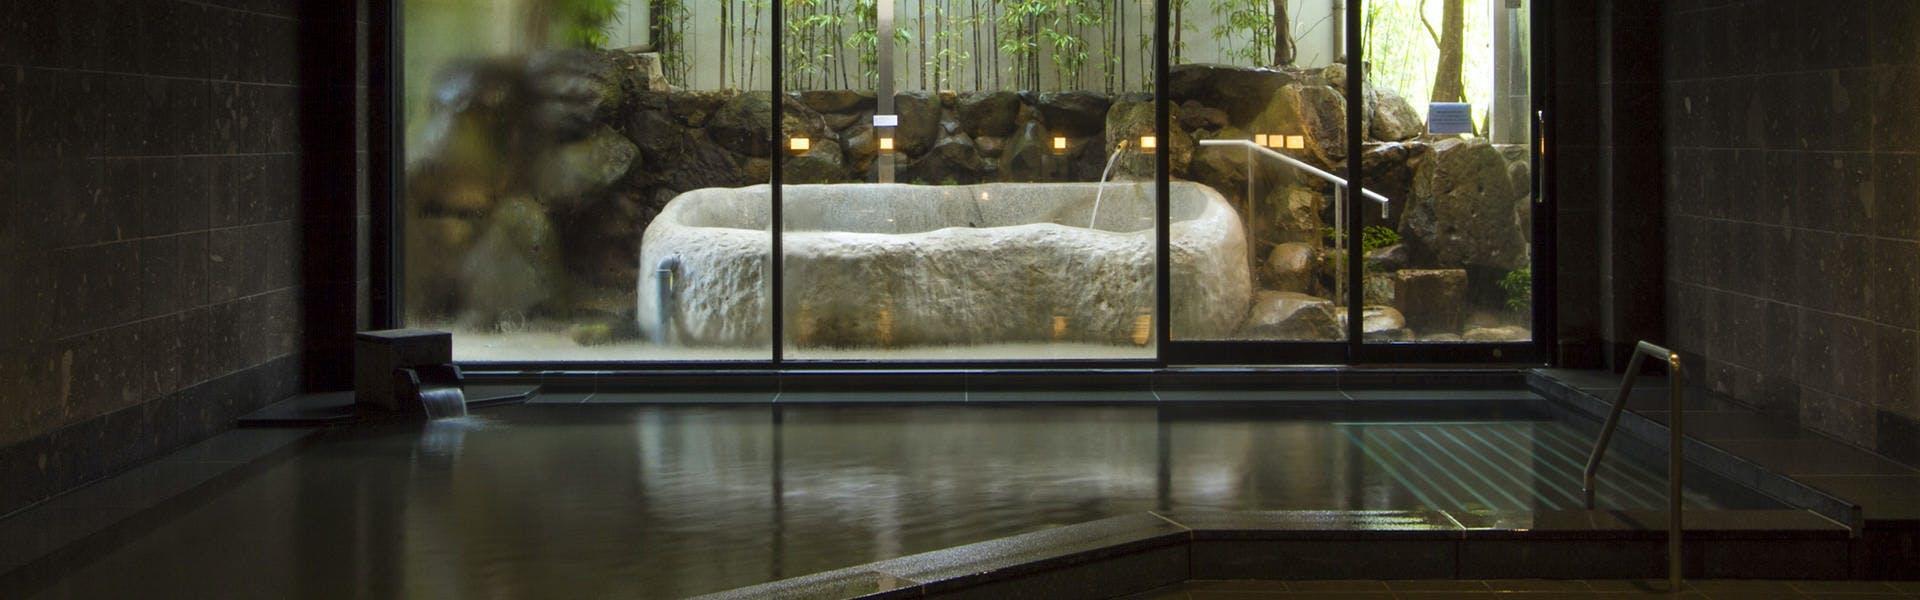 記念日におすすめのホテル・嬉野温泉 旅館 吉田屋の写真2